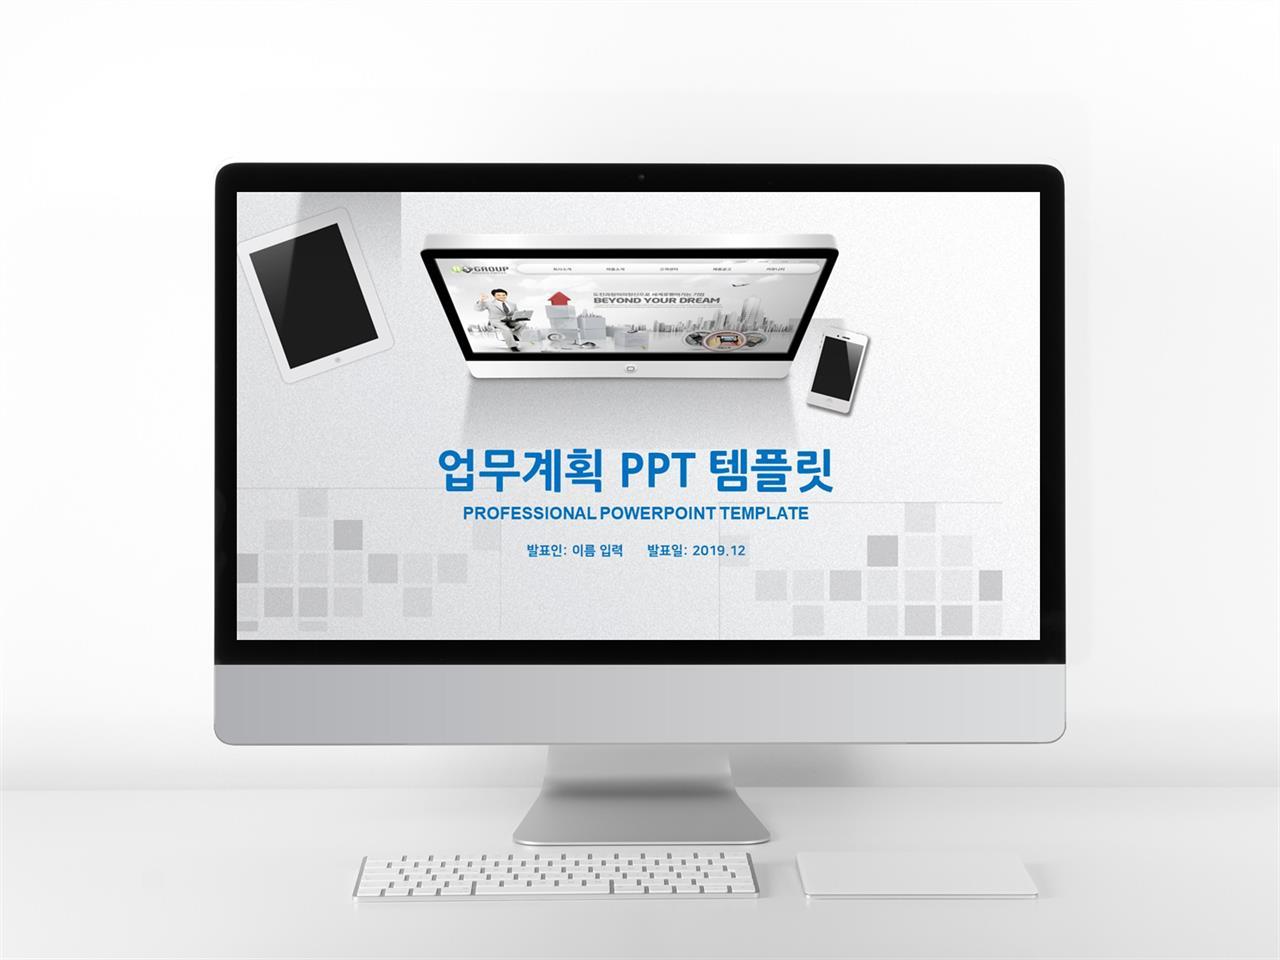 업무일지 푸른색 간략한 고급스럽운 POWERPOINT배경 사이트 미리보기